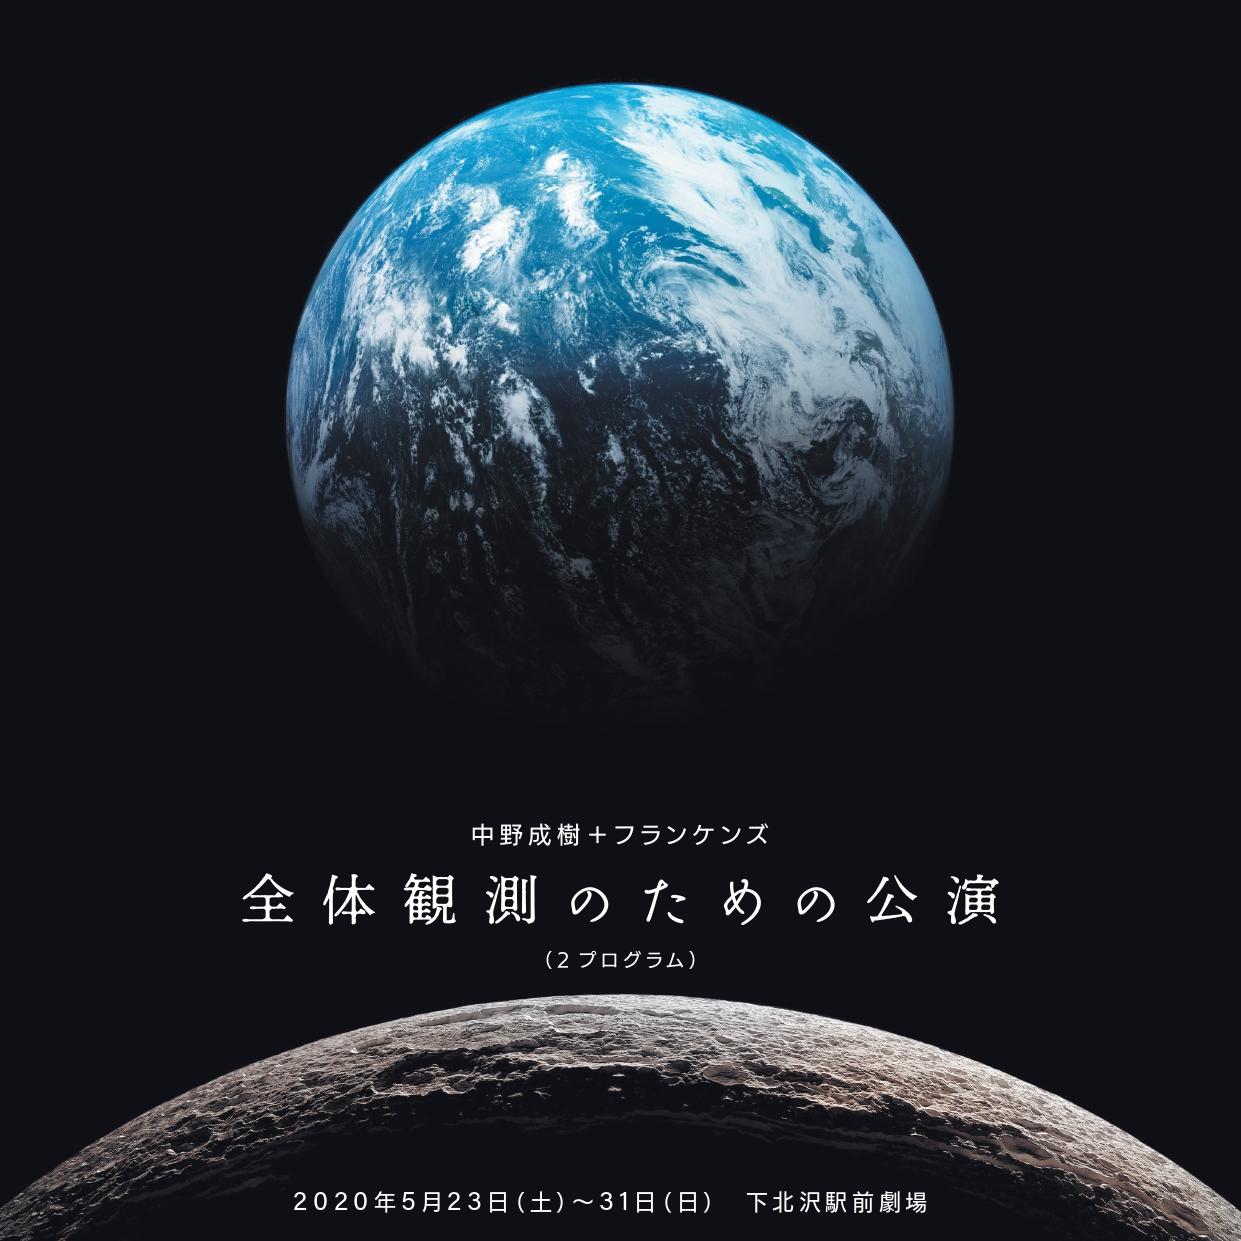 【公演中止】中野成樹+フランケンズ▶︎本公演▶︎2020年5月東京▶︎「全体観測のための公演(2プログラム)」